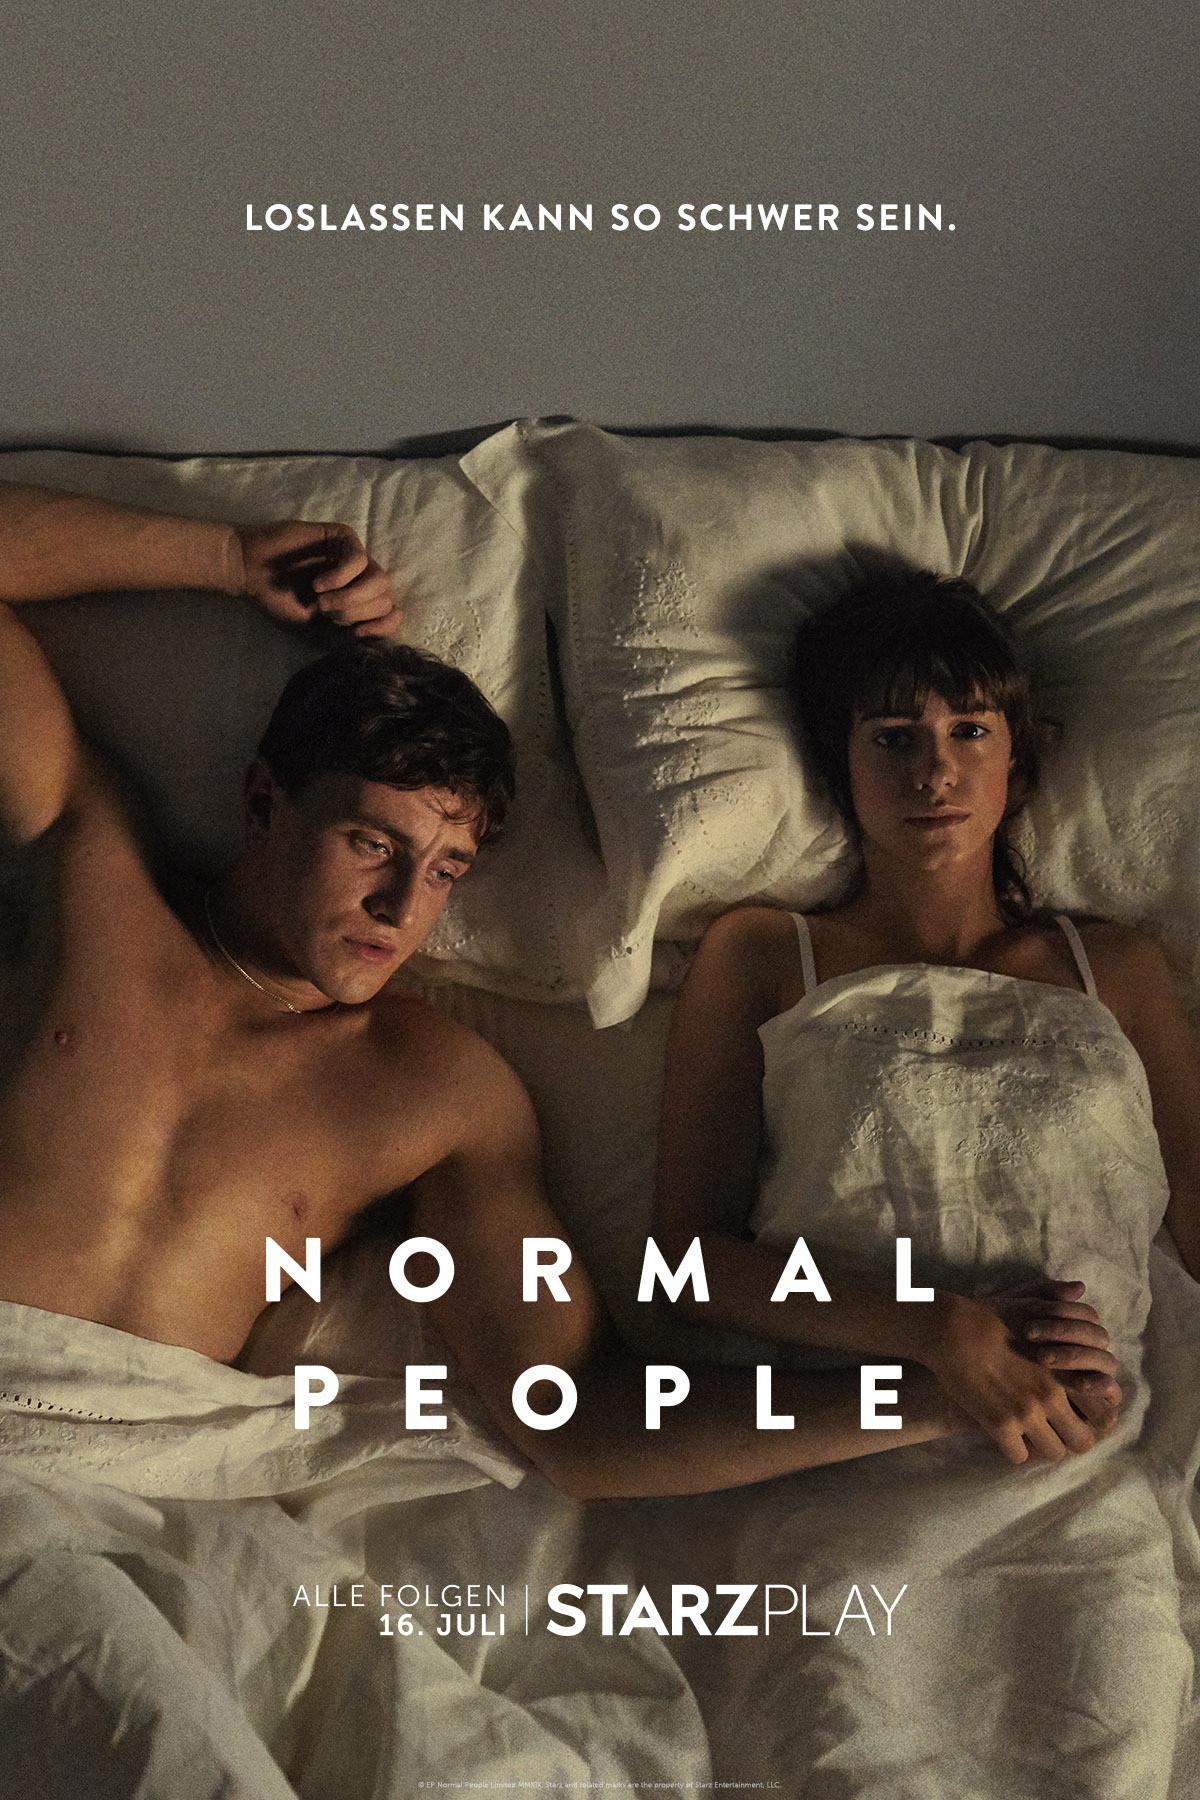 """Poster zu """"Normal People"""" von Starzplay Starzplay"""